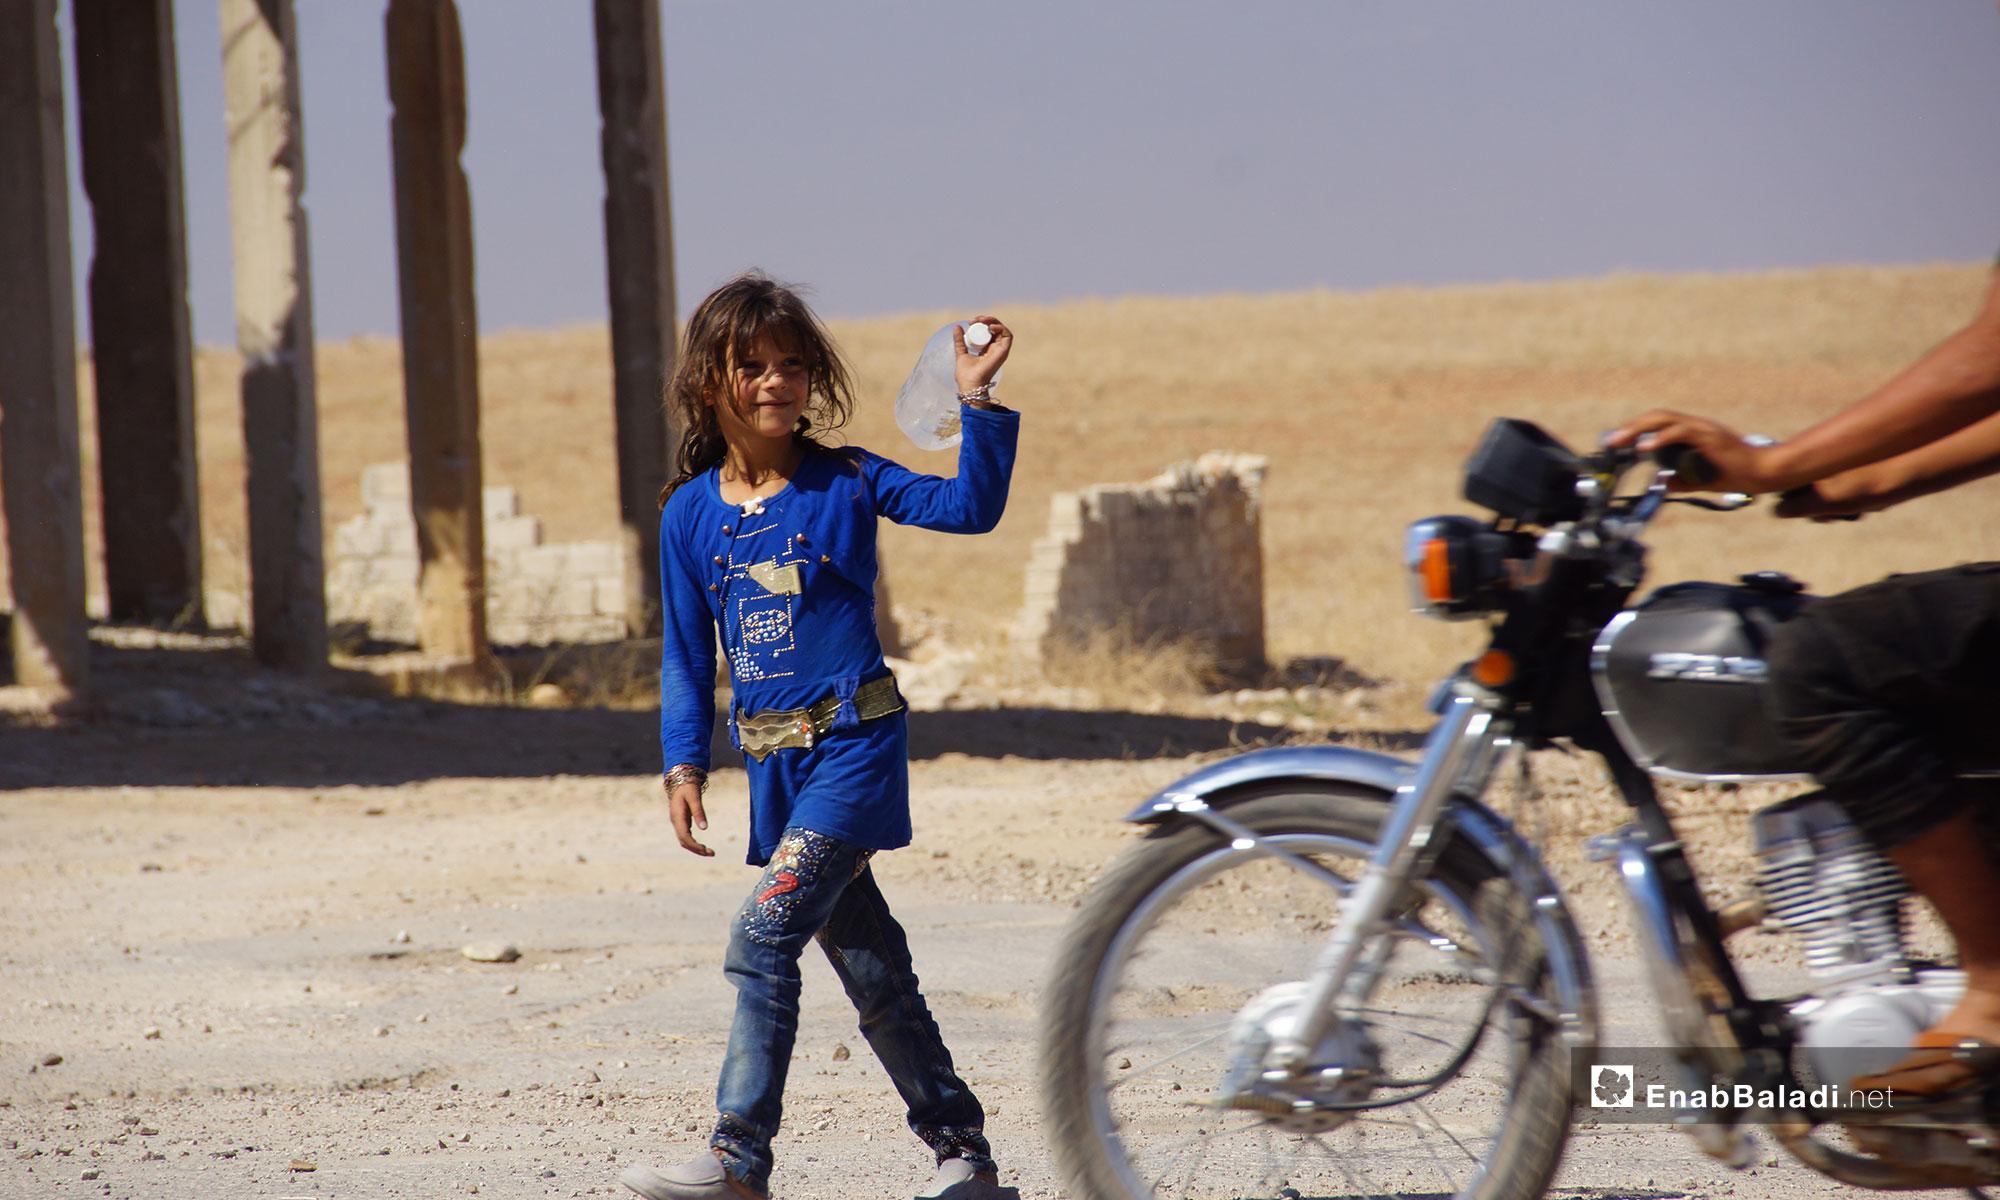 طفلة من أهالي مدينة اللطامة بعد عودتهم إلى بيوتهم في ريف حماة الشمالي - 25 من أيلول 2018 (عنب بلدي)